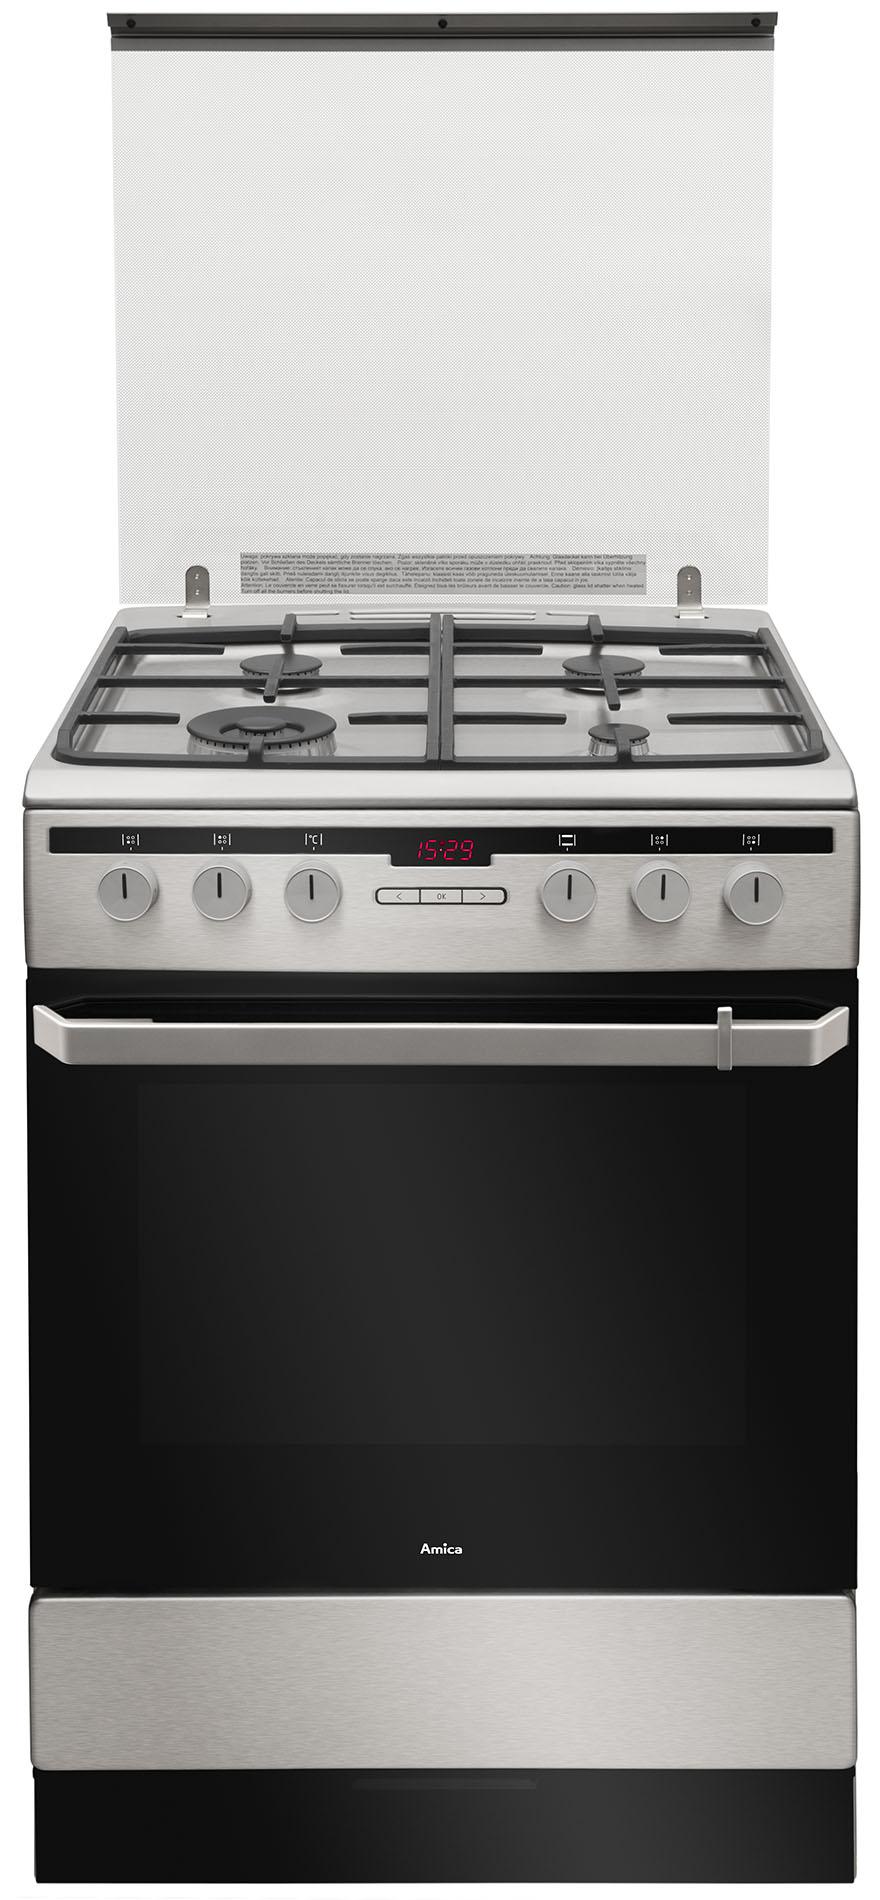 Kuchnia wolnostojąca gazowo elektryczna 600 618GE3 39HZpTaDpNAQ(Xx)  Amica -> Kuchnie Elektryczne Wolnostojące Indukcyjne